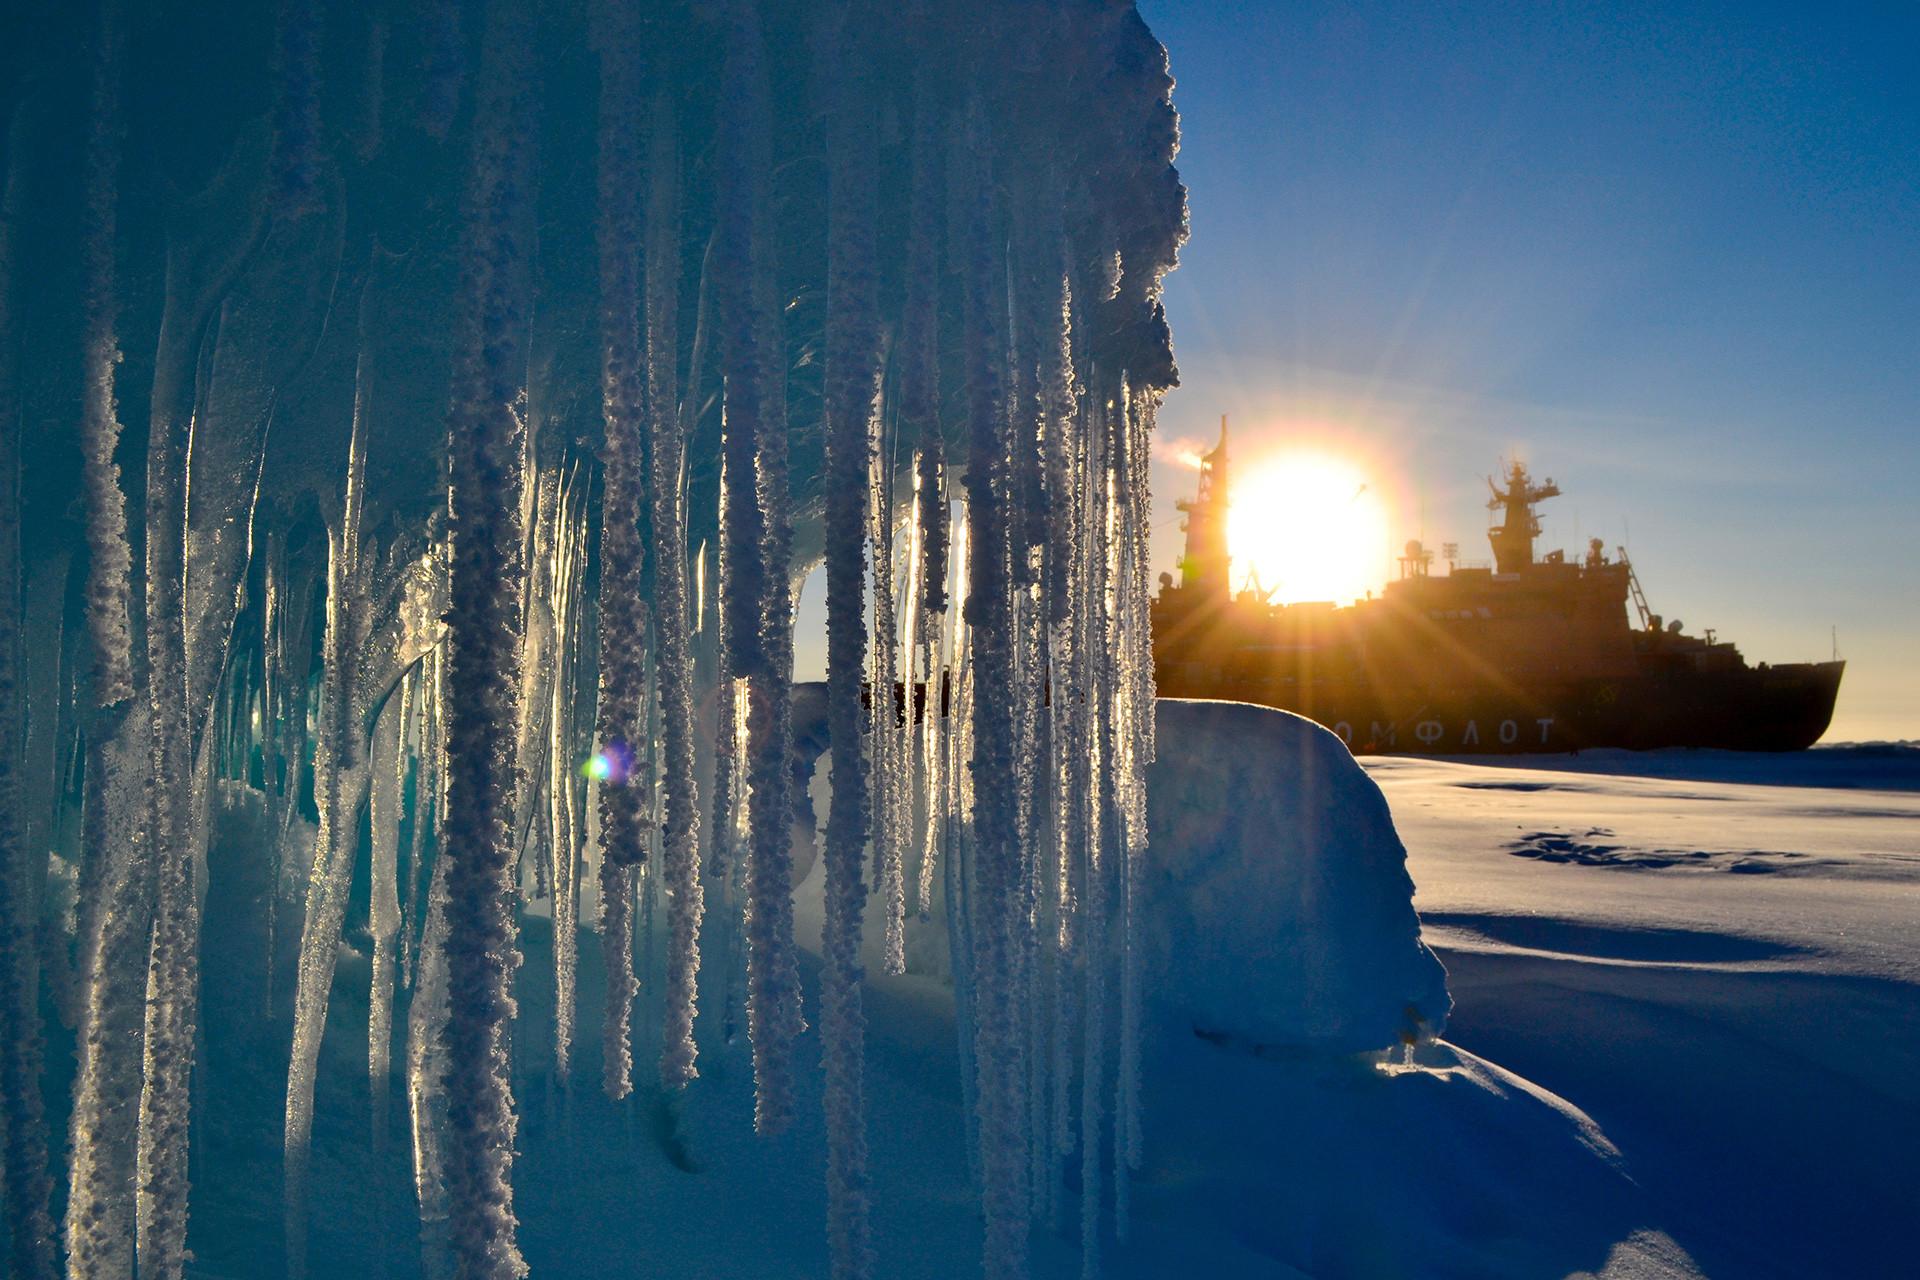 Руските полярни изследователи работят над създаването на нова плаваща станция СП-40 в Арктика, 17.09.2012 г.